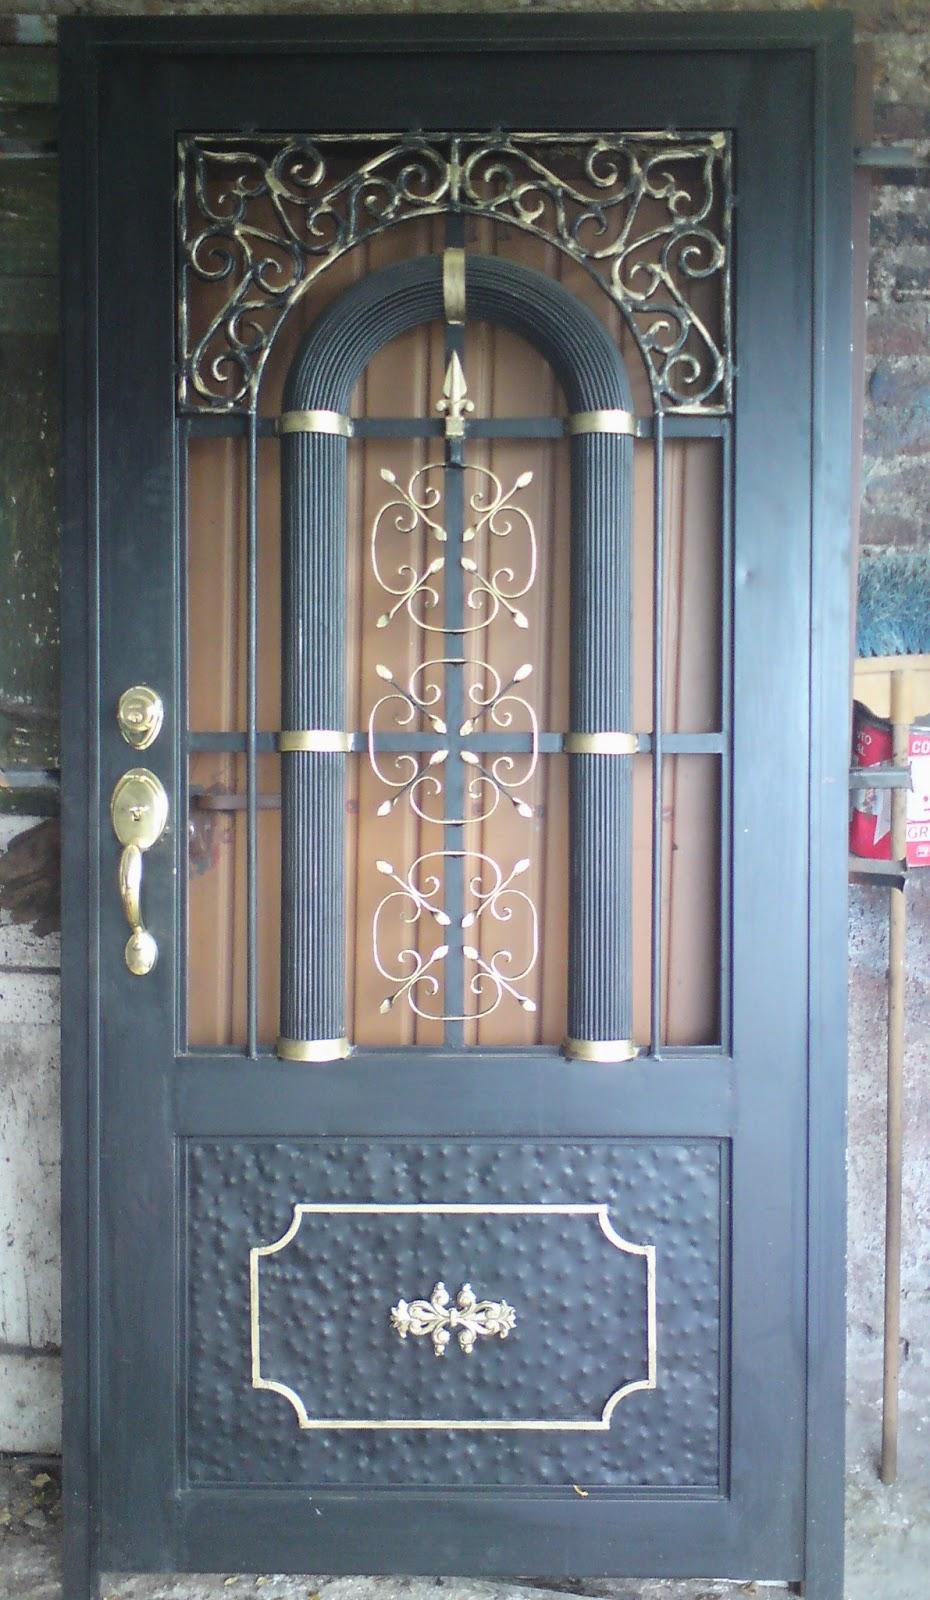 Herreria rober galeria de puertas - Puertas de herreria para entrada principal ...